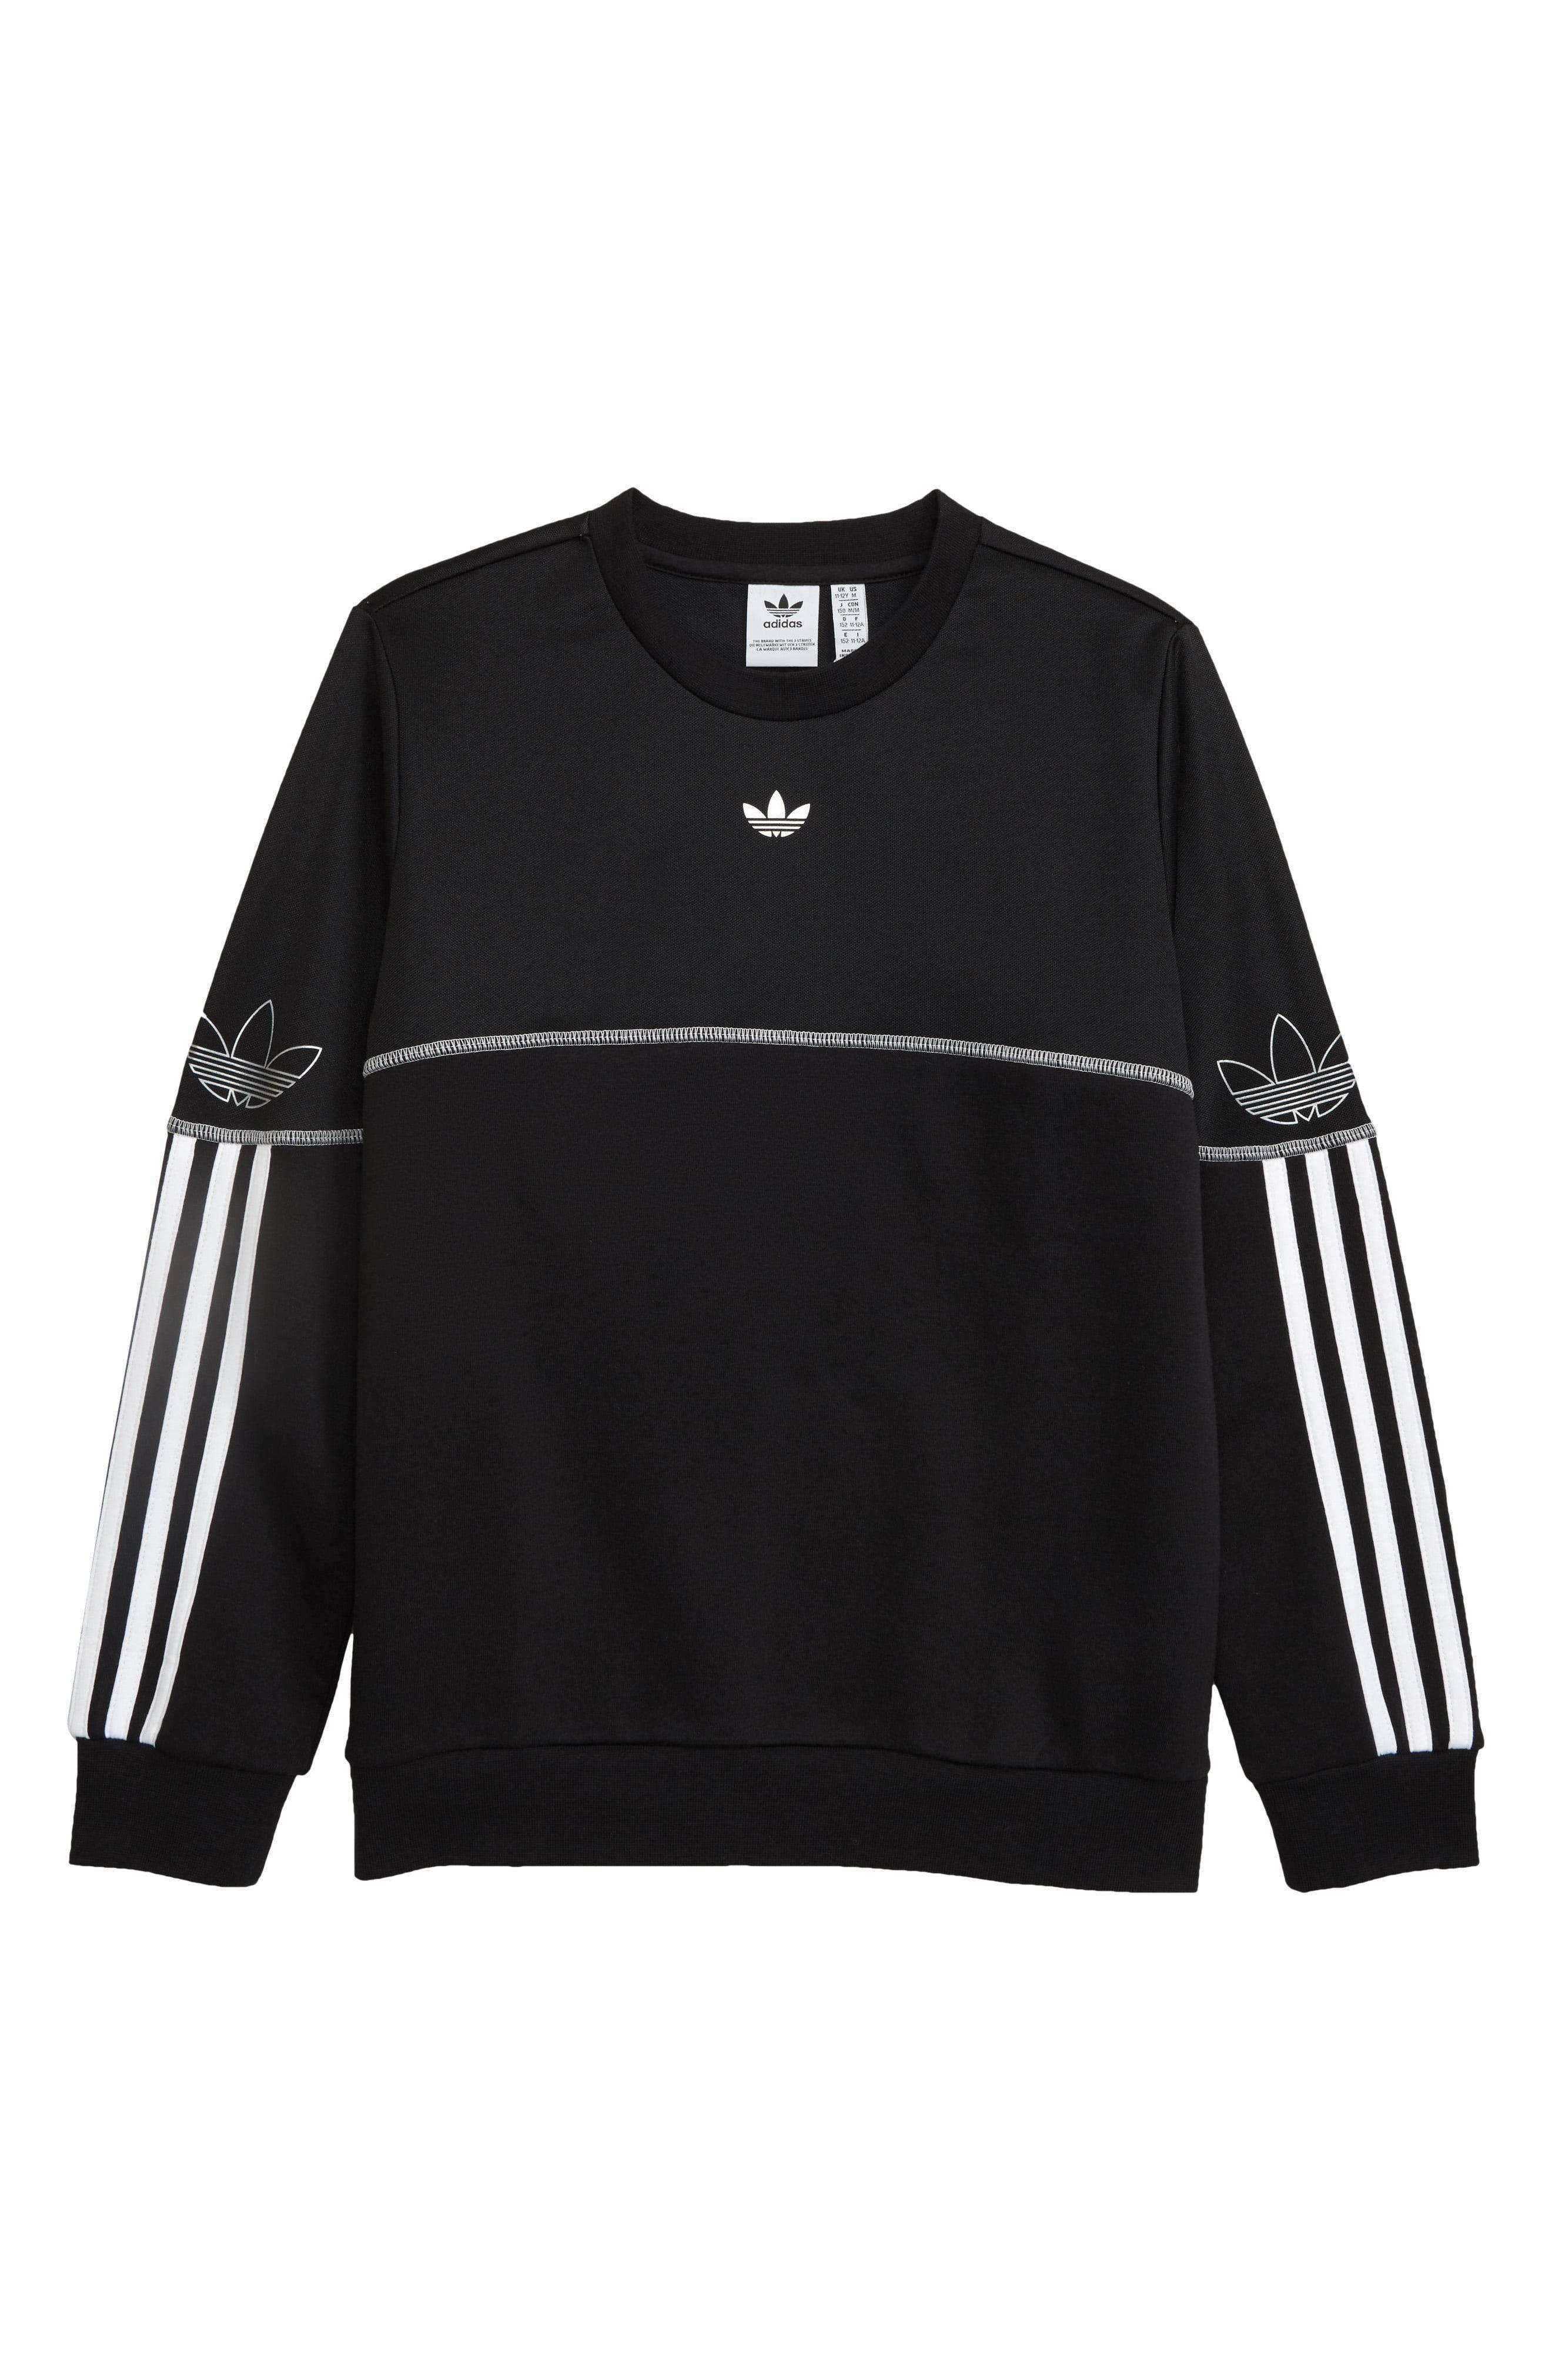 Adidas Originals Outline Crew Neck Pullover Nordstrom Rack In 2021 Crew Neck Sweatshirt Sweatshirts Sweatshirt Designs [ 4048 x 2640 Pixel ]